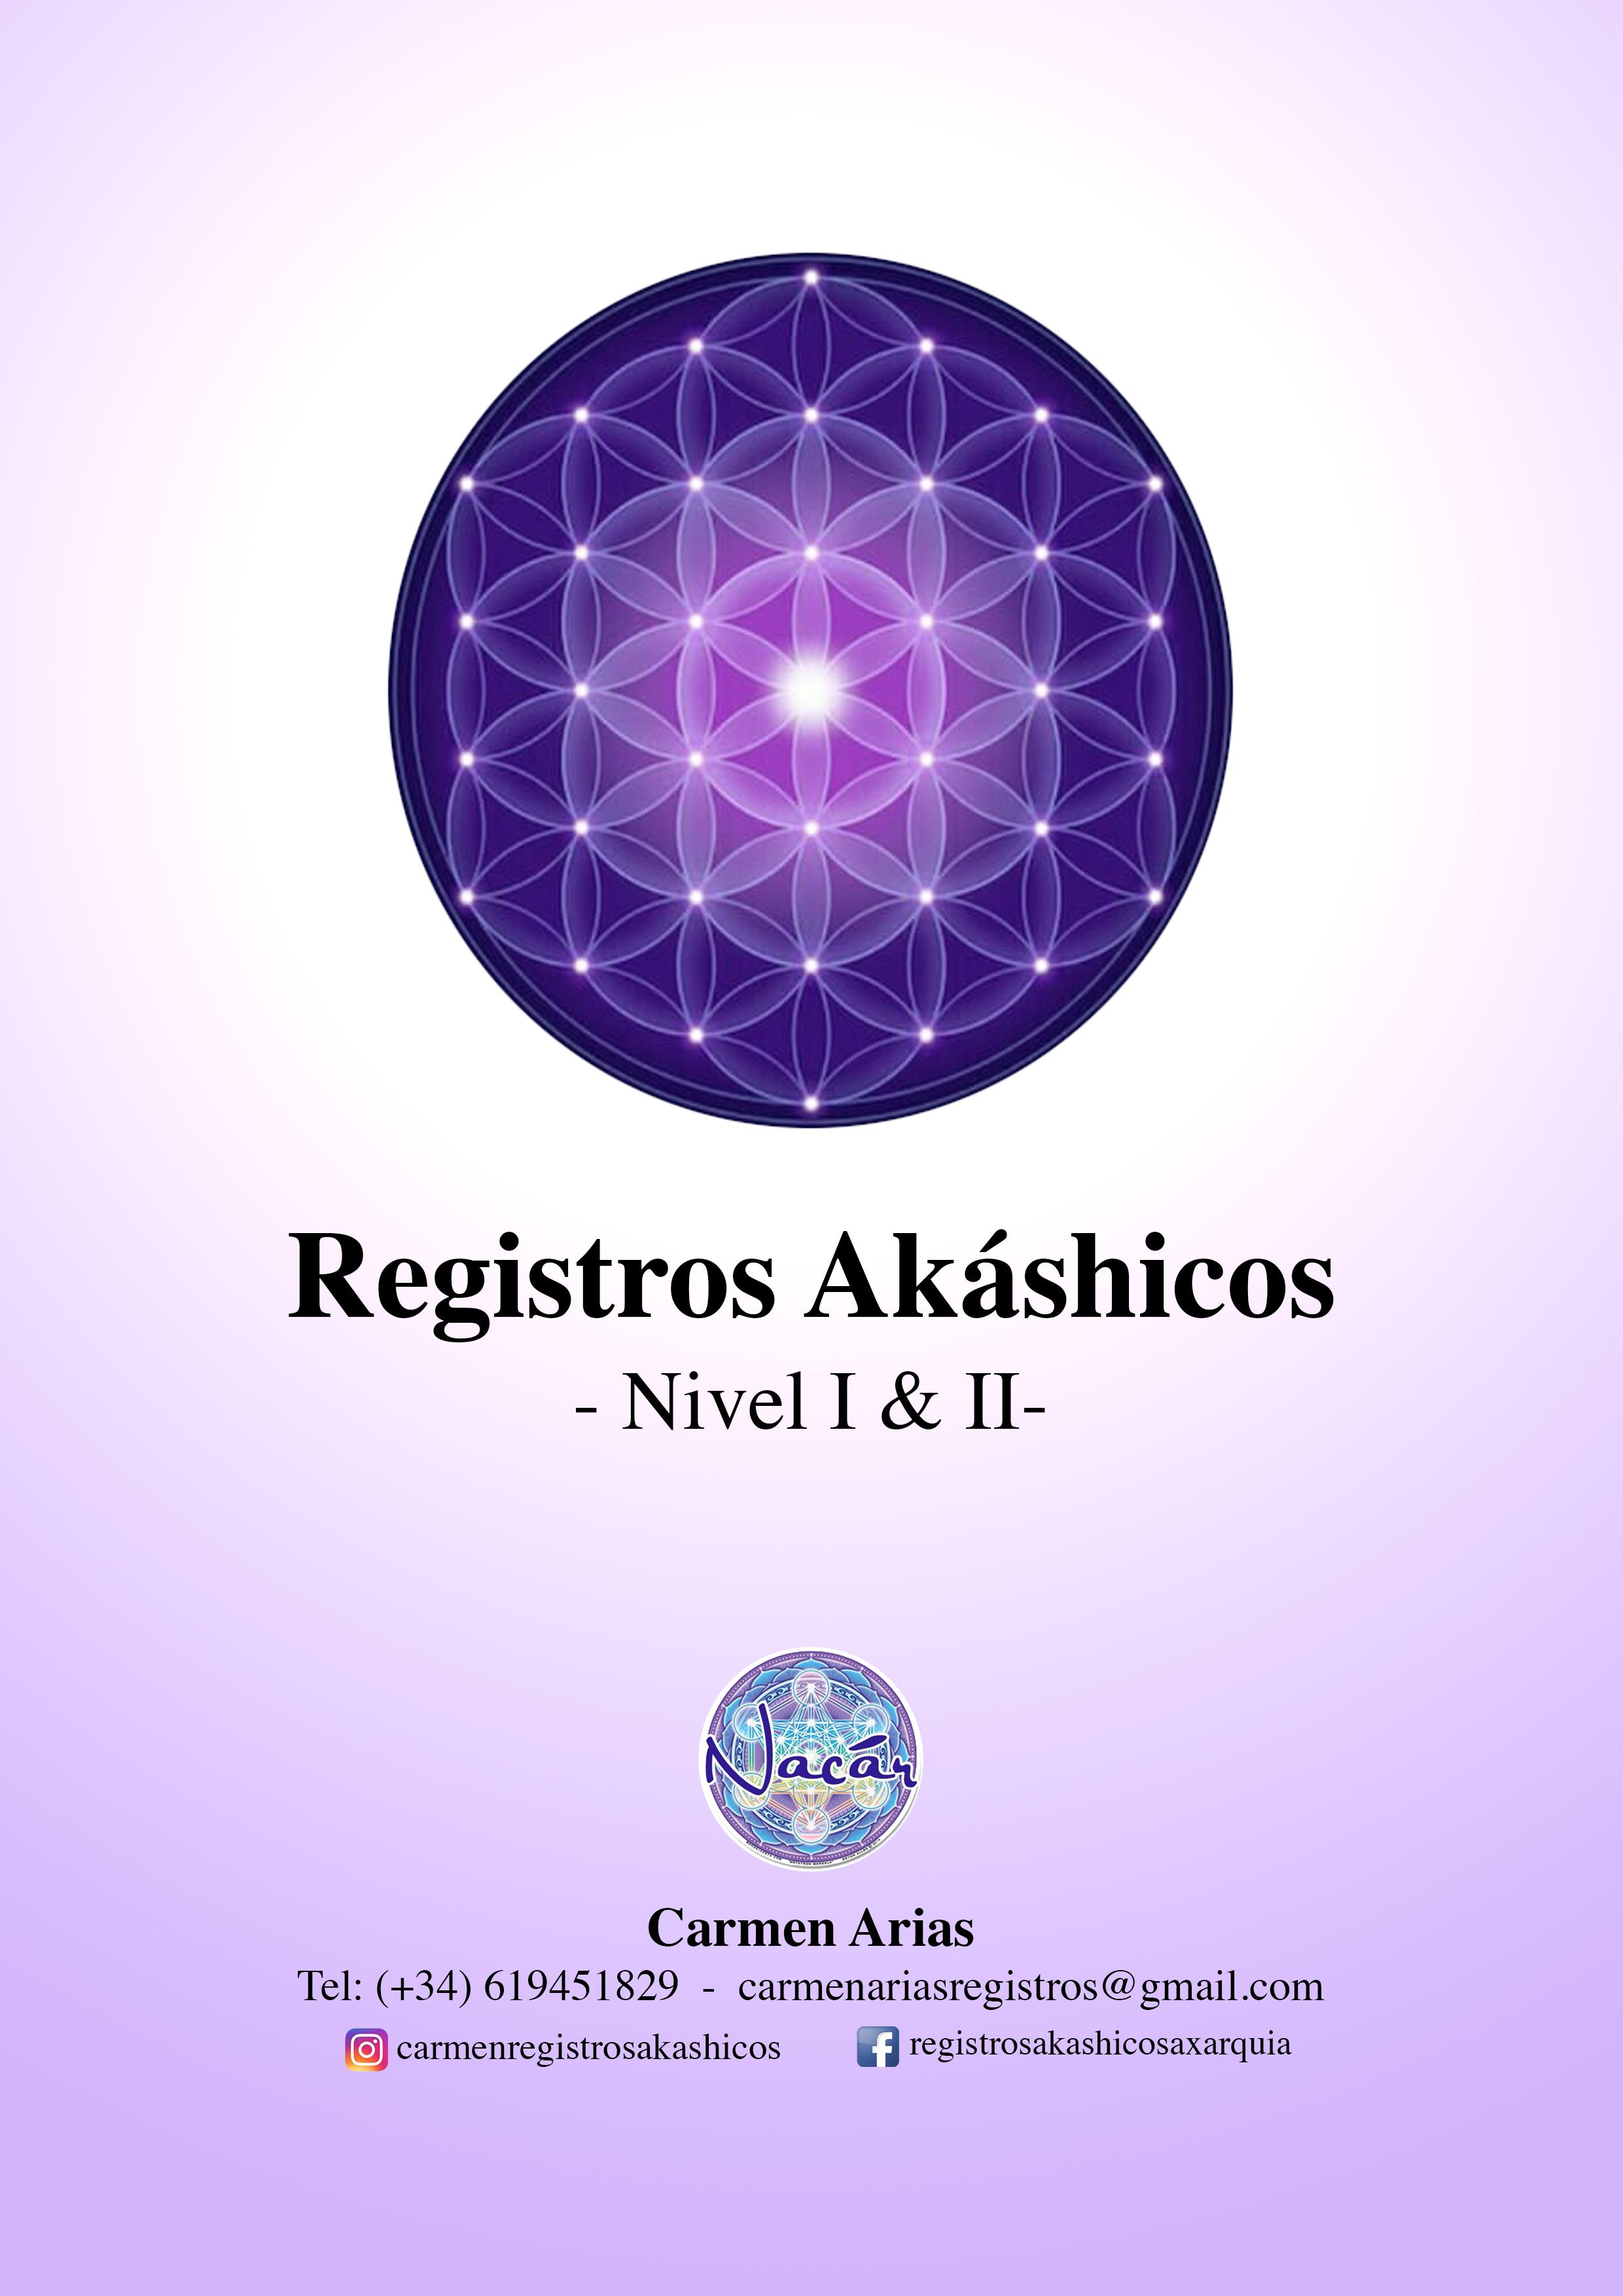 Curso de Registros Akáshicos en Málaga